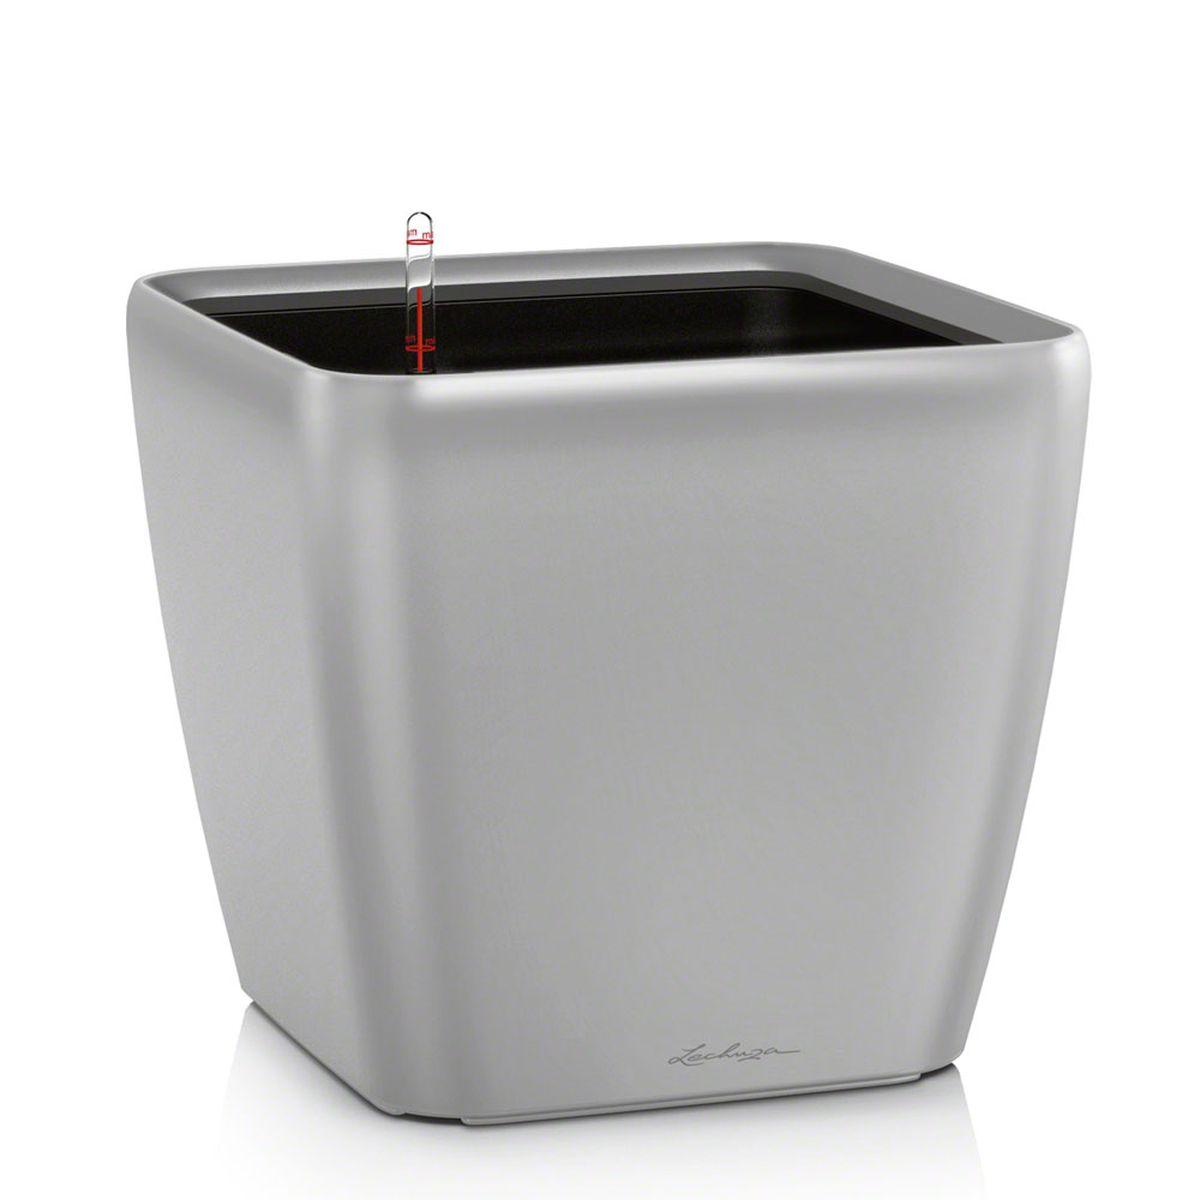 Кашпо с автополивом Lechuza Quadro 50х47 см, серебро LSPANTERA SPX-2RSЭлегантная ручка цвета самого кашпо украшает все наборы Все-в-одном кашпо серии QUADRO. Она не только красиво смотрится, но и обеспечивает возможность легкой замены растений.Особые преимущества:- Запатентованный внутренний горшок- Ручка цвета горшка не только практична, но еще и дополнительно подчеркивает изящный дизайн кашпо- В качестве опции: Подставка на роликах для QUADRO 43 и 50